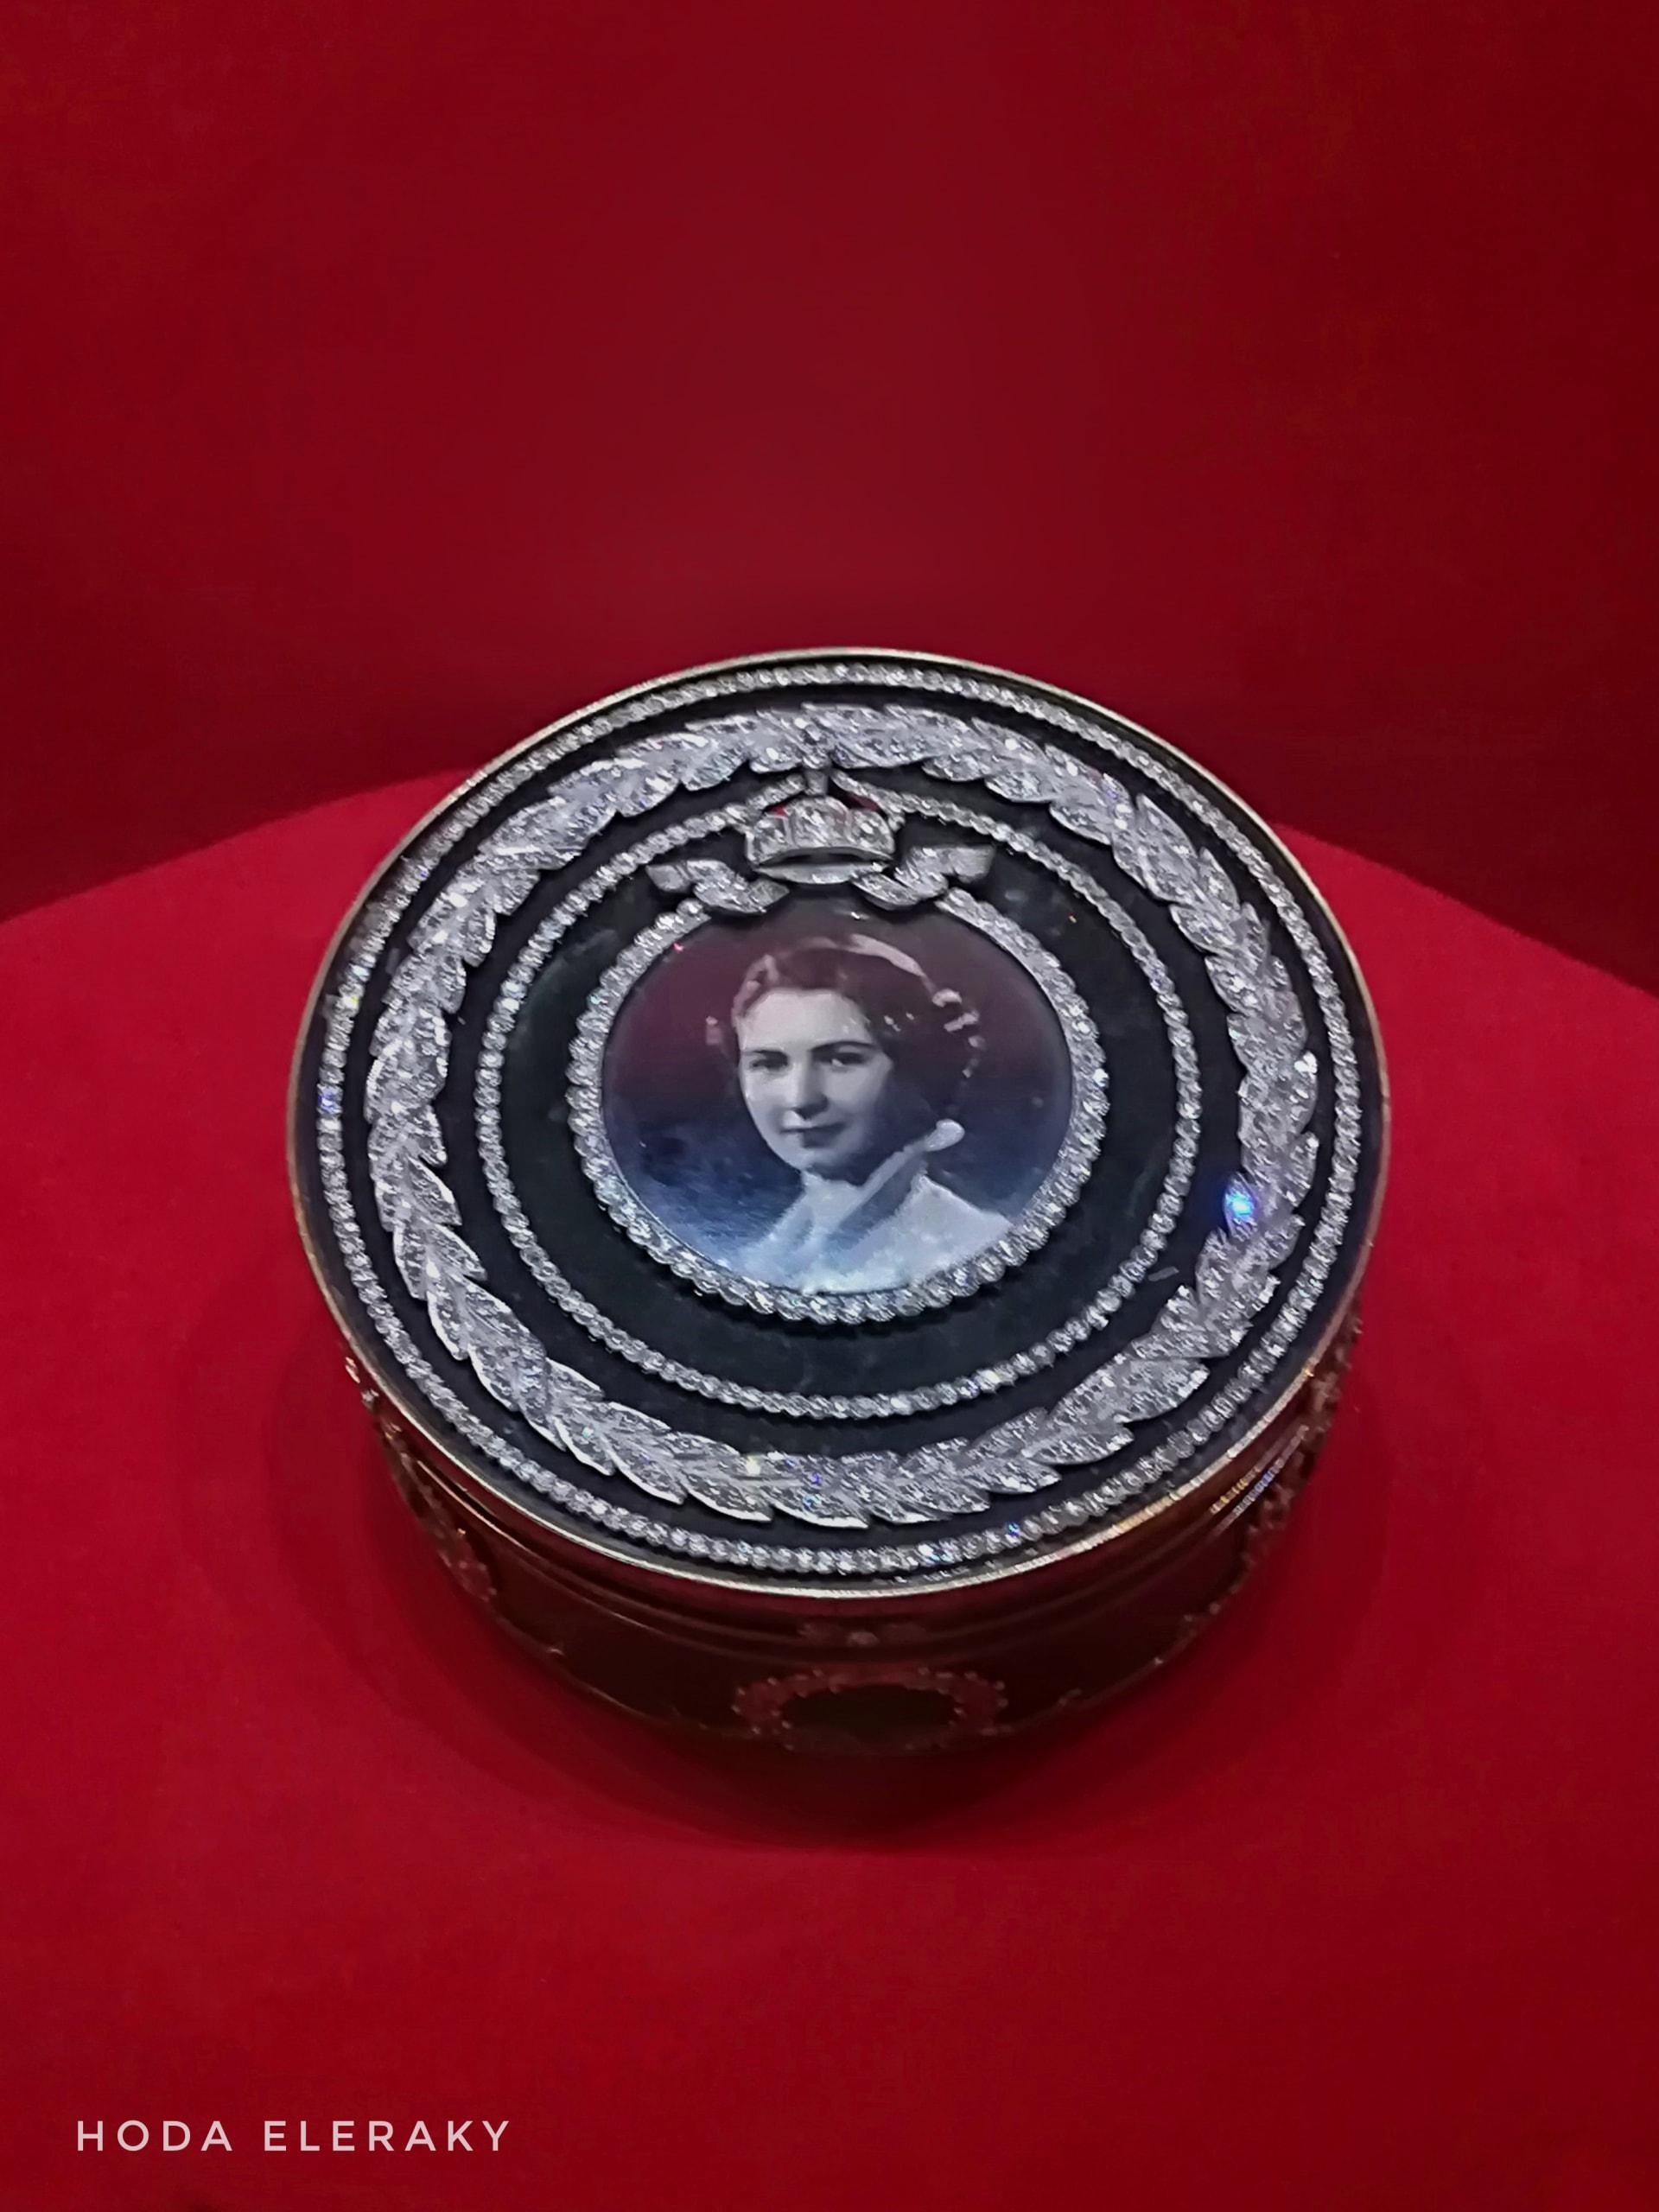 مقتنيات متحف المجوهرات الملكية